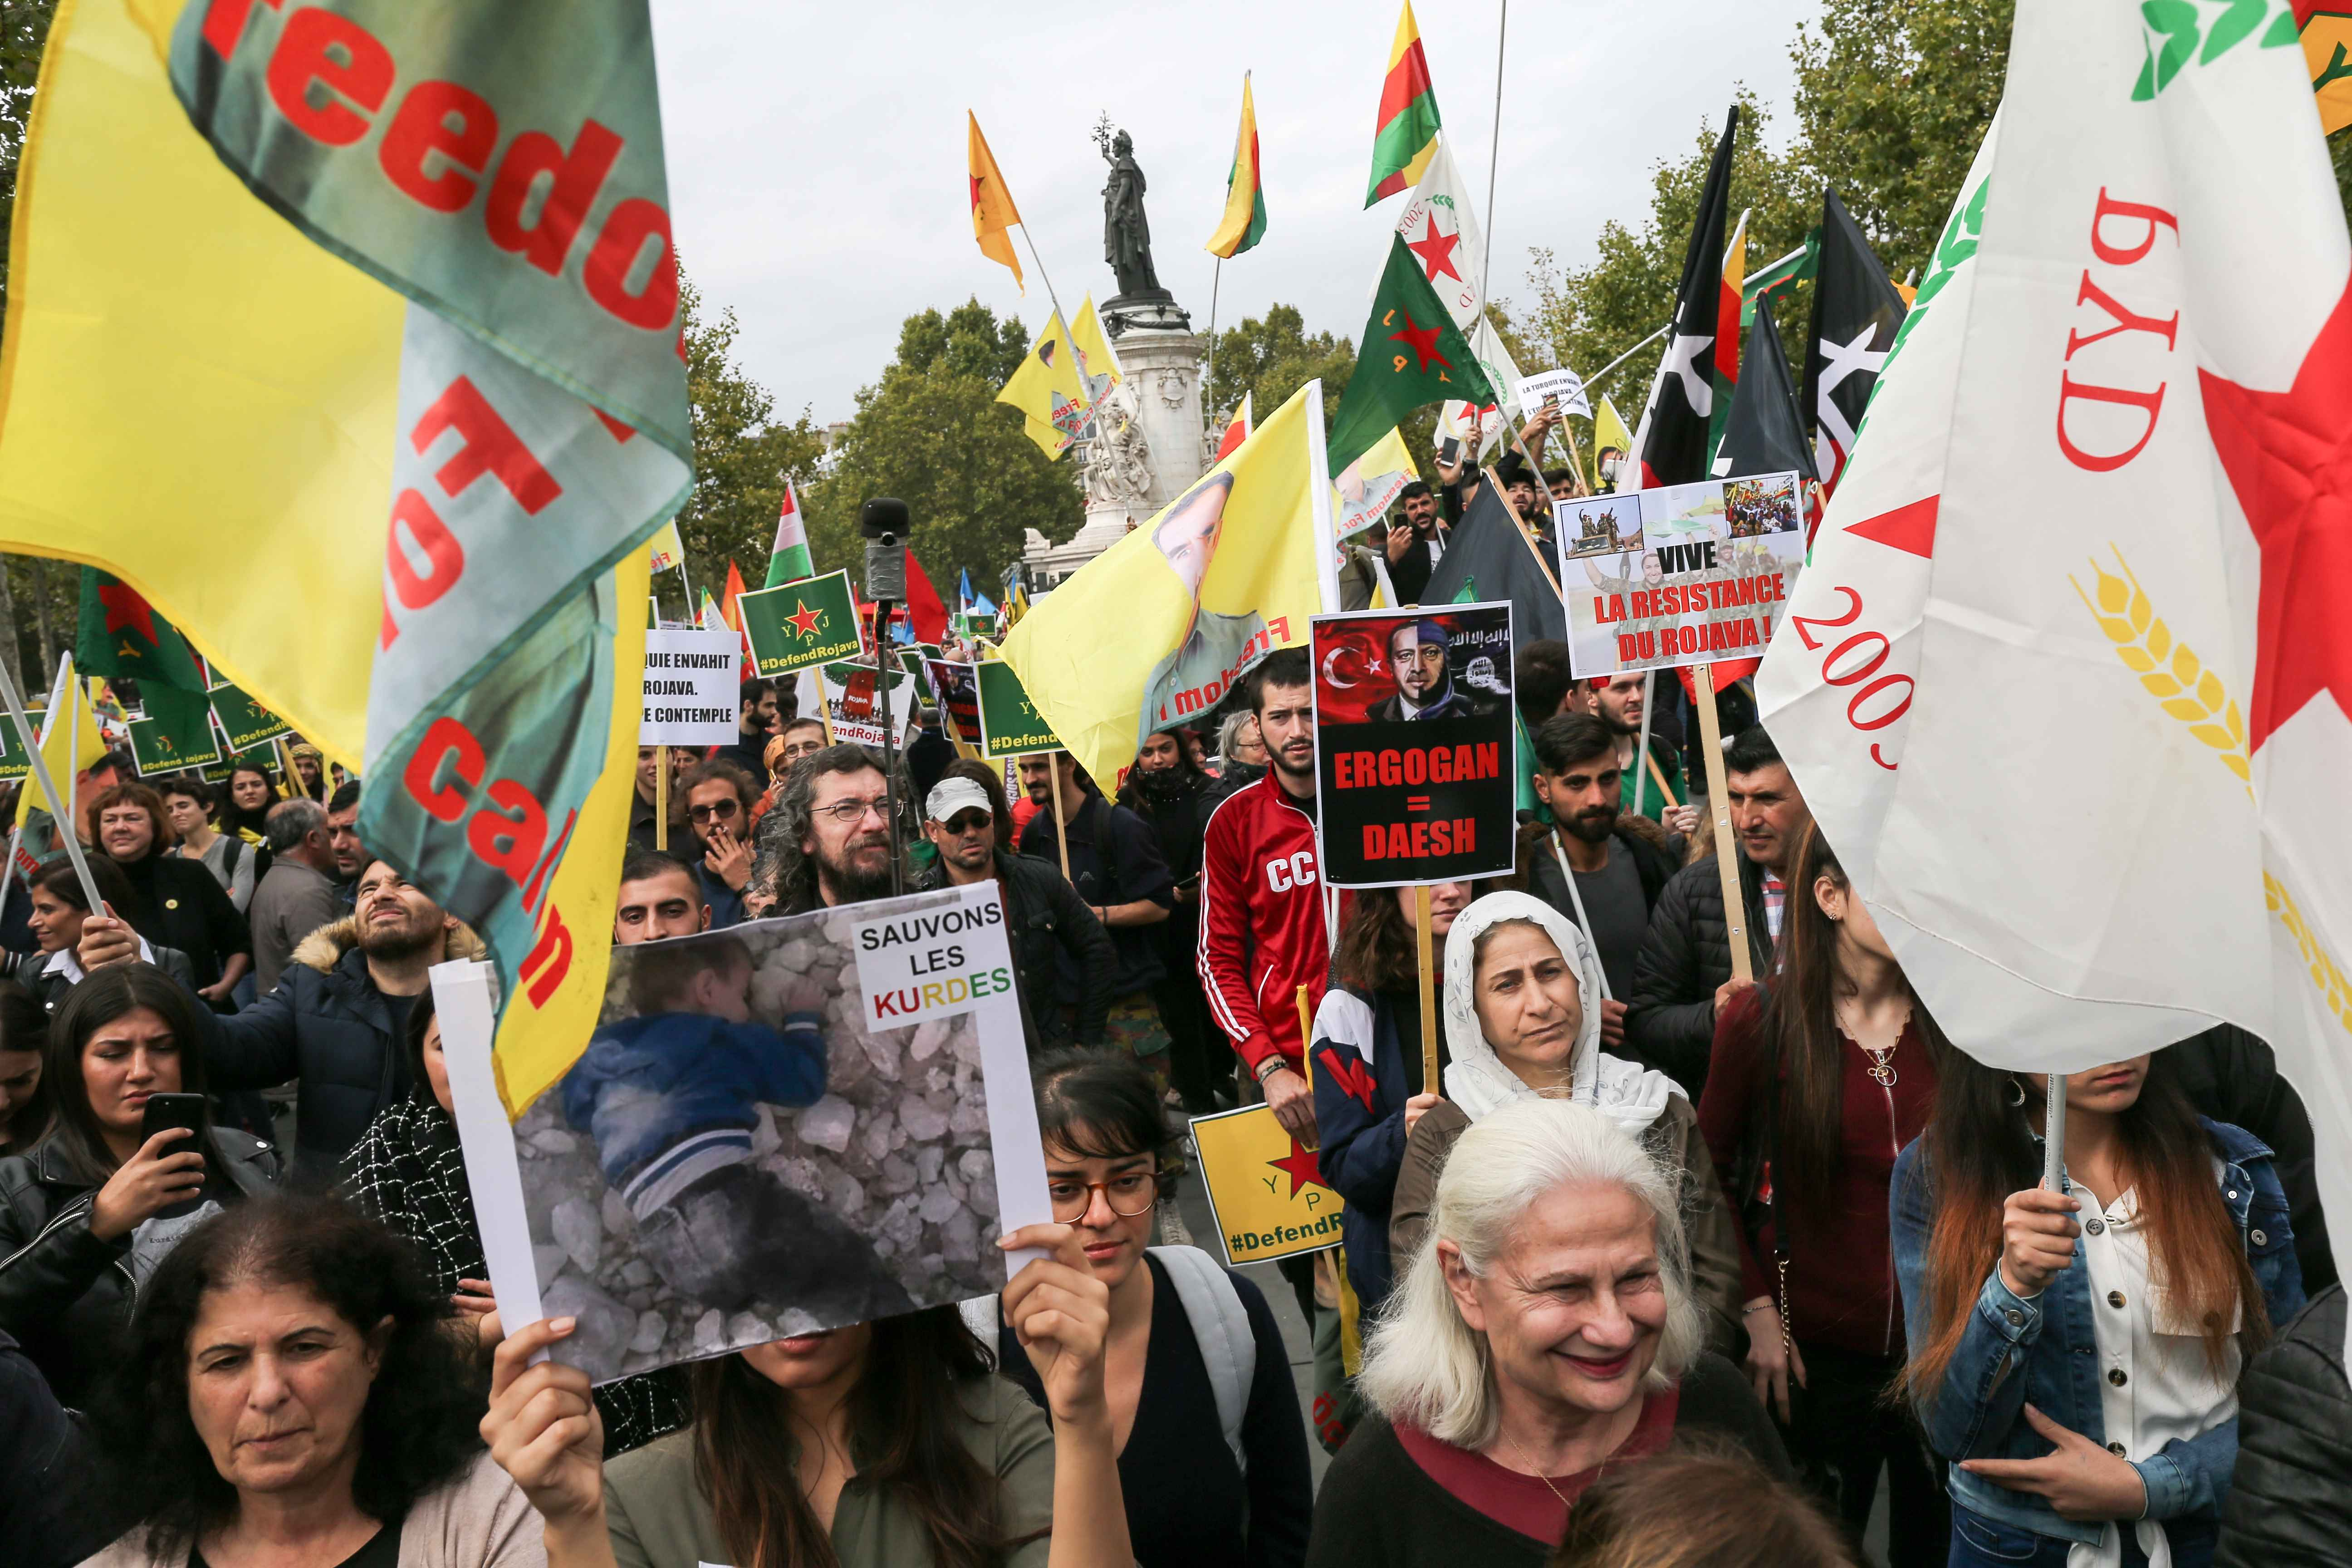 Rassemblement sur la place de la République en soutien aux Kurdes. © Michel Stoupak. Sam 12.10.2019, 13h26m32.